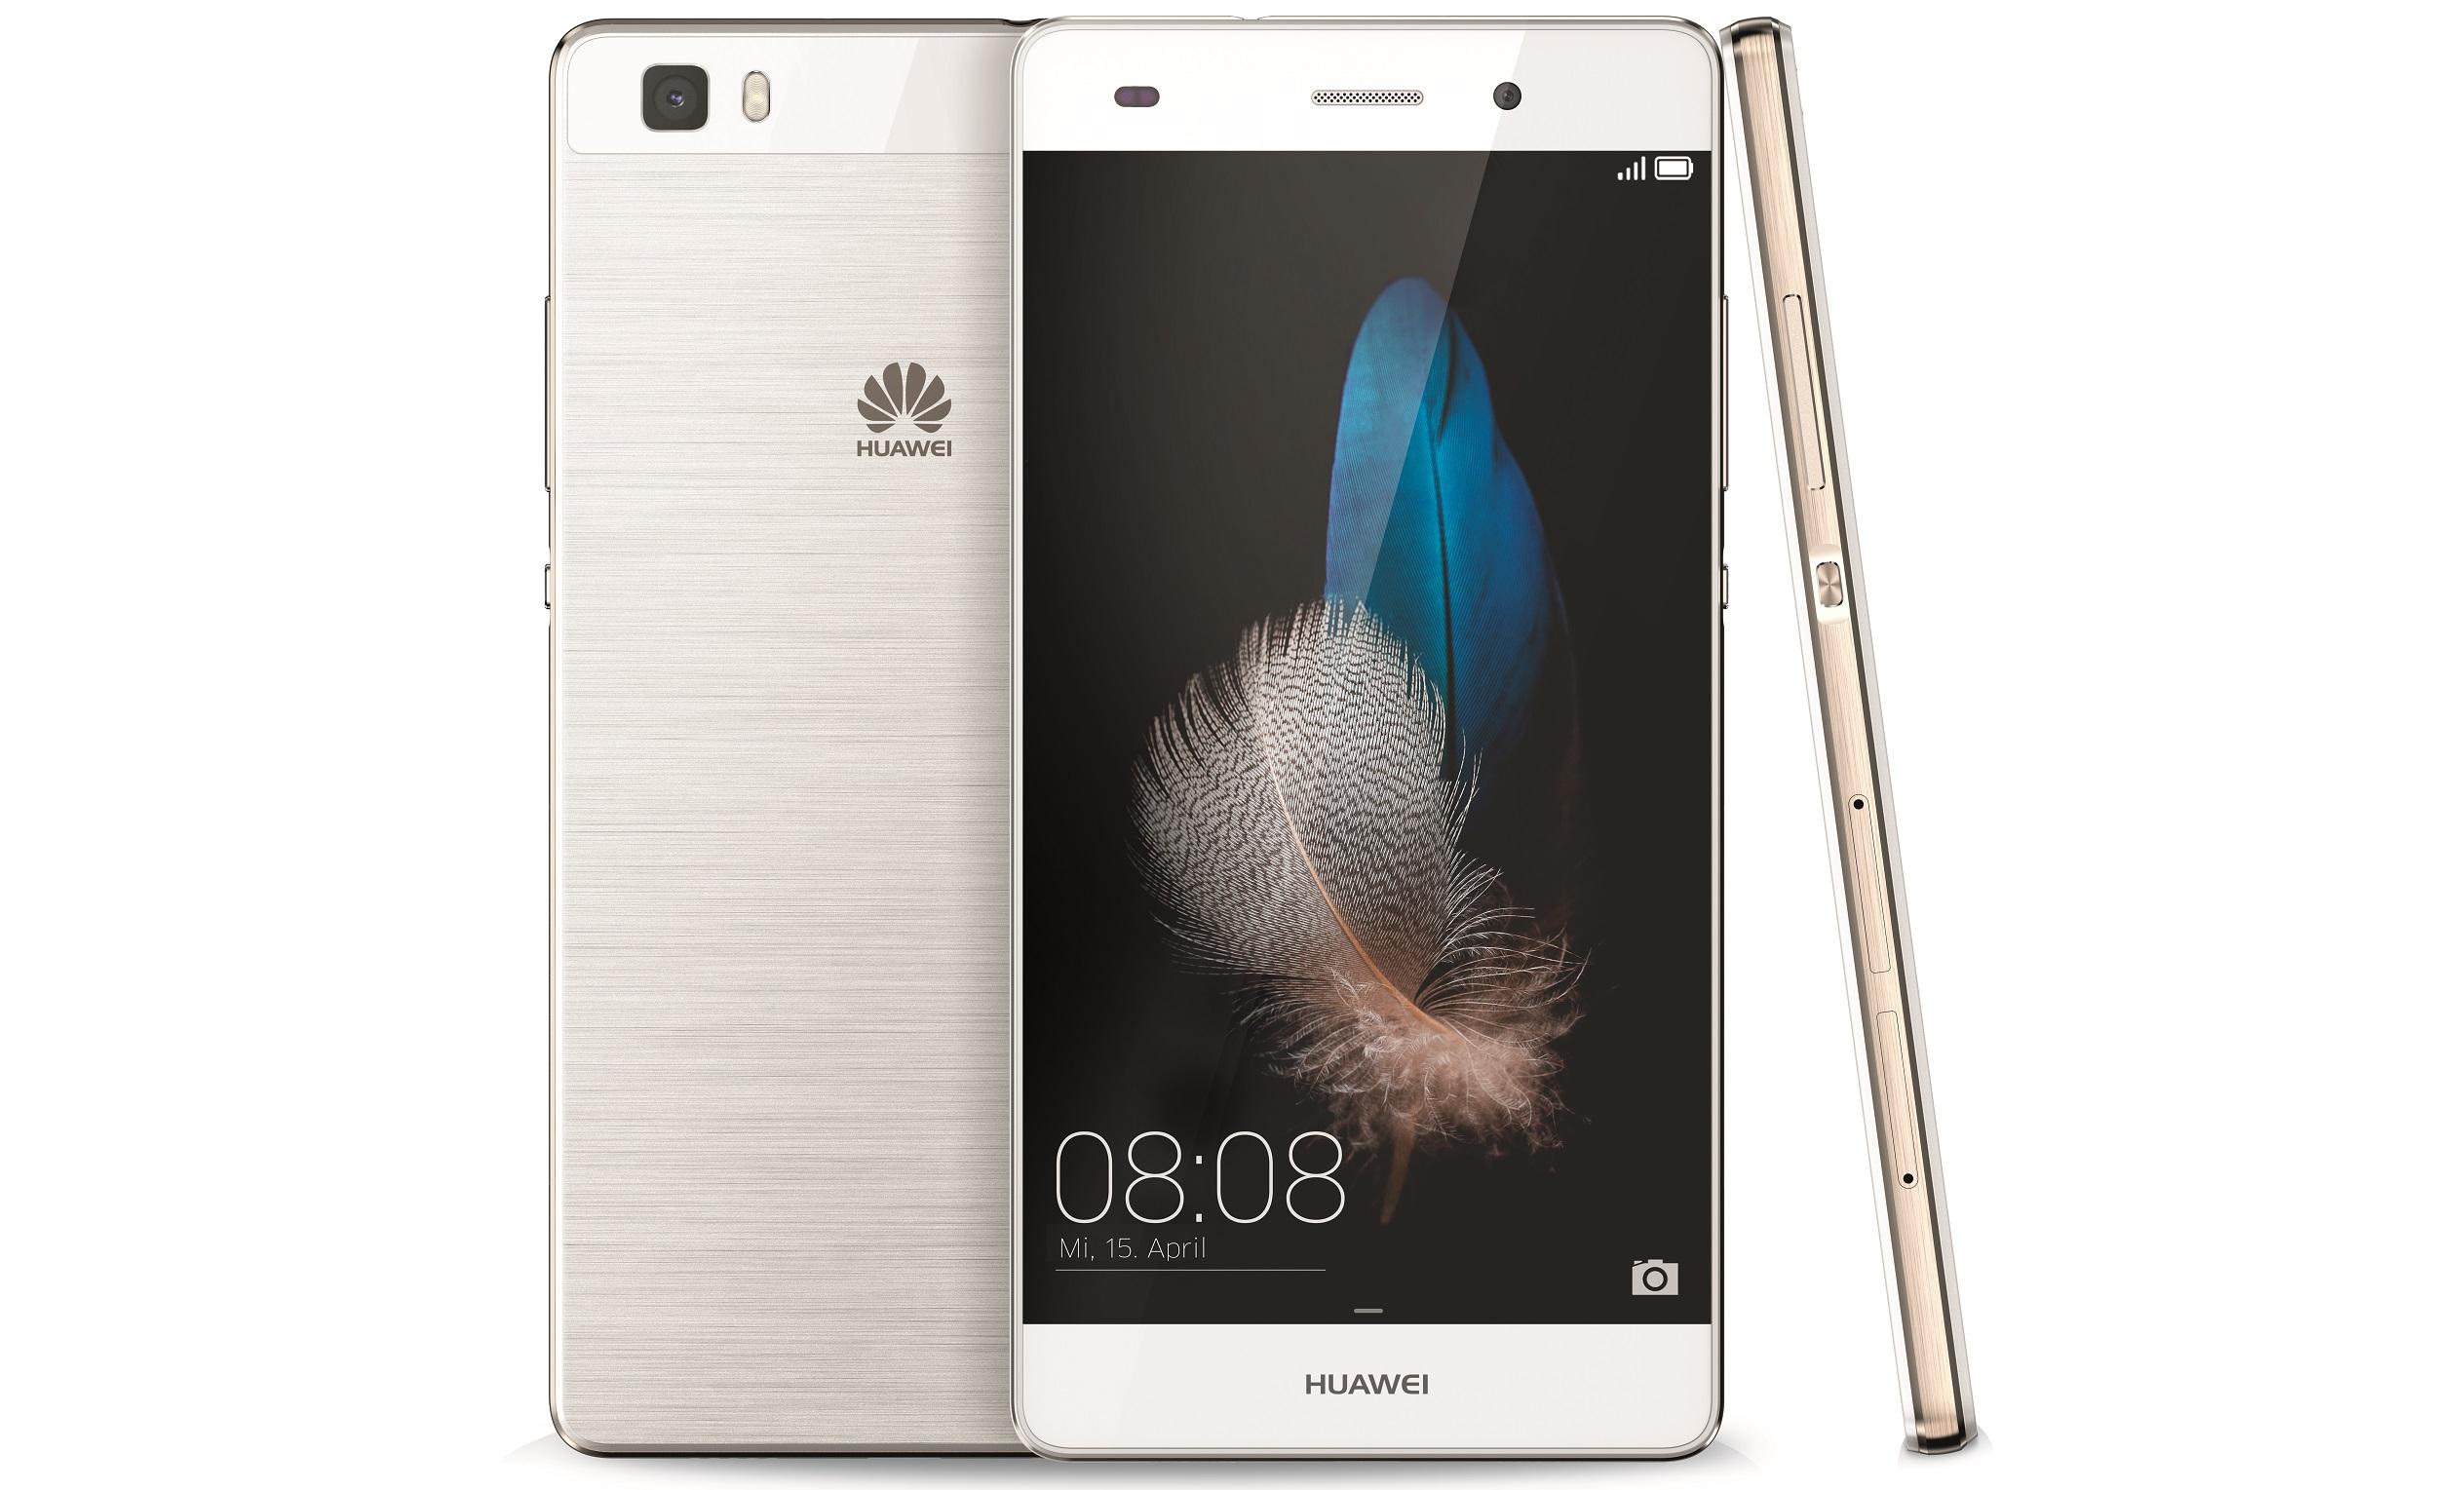 Il display di 5,2 pollici resterà una delle caratteristiche del nuovo Huawei P9